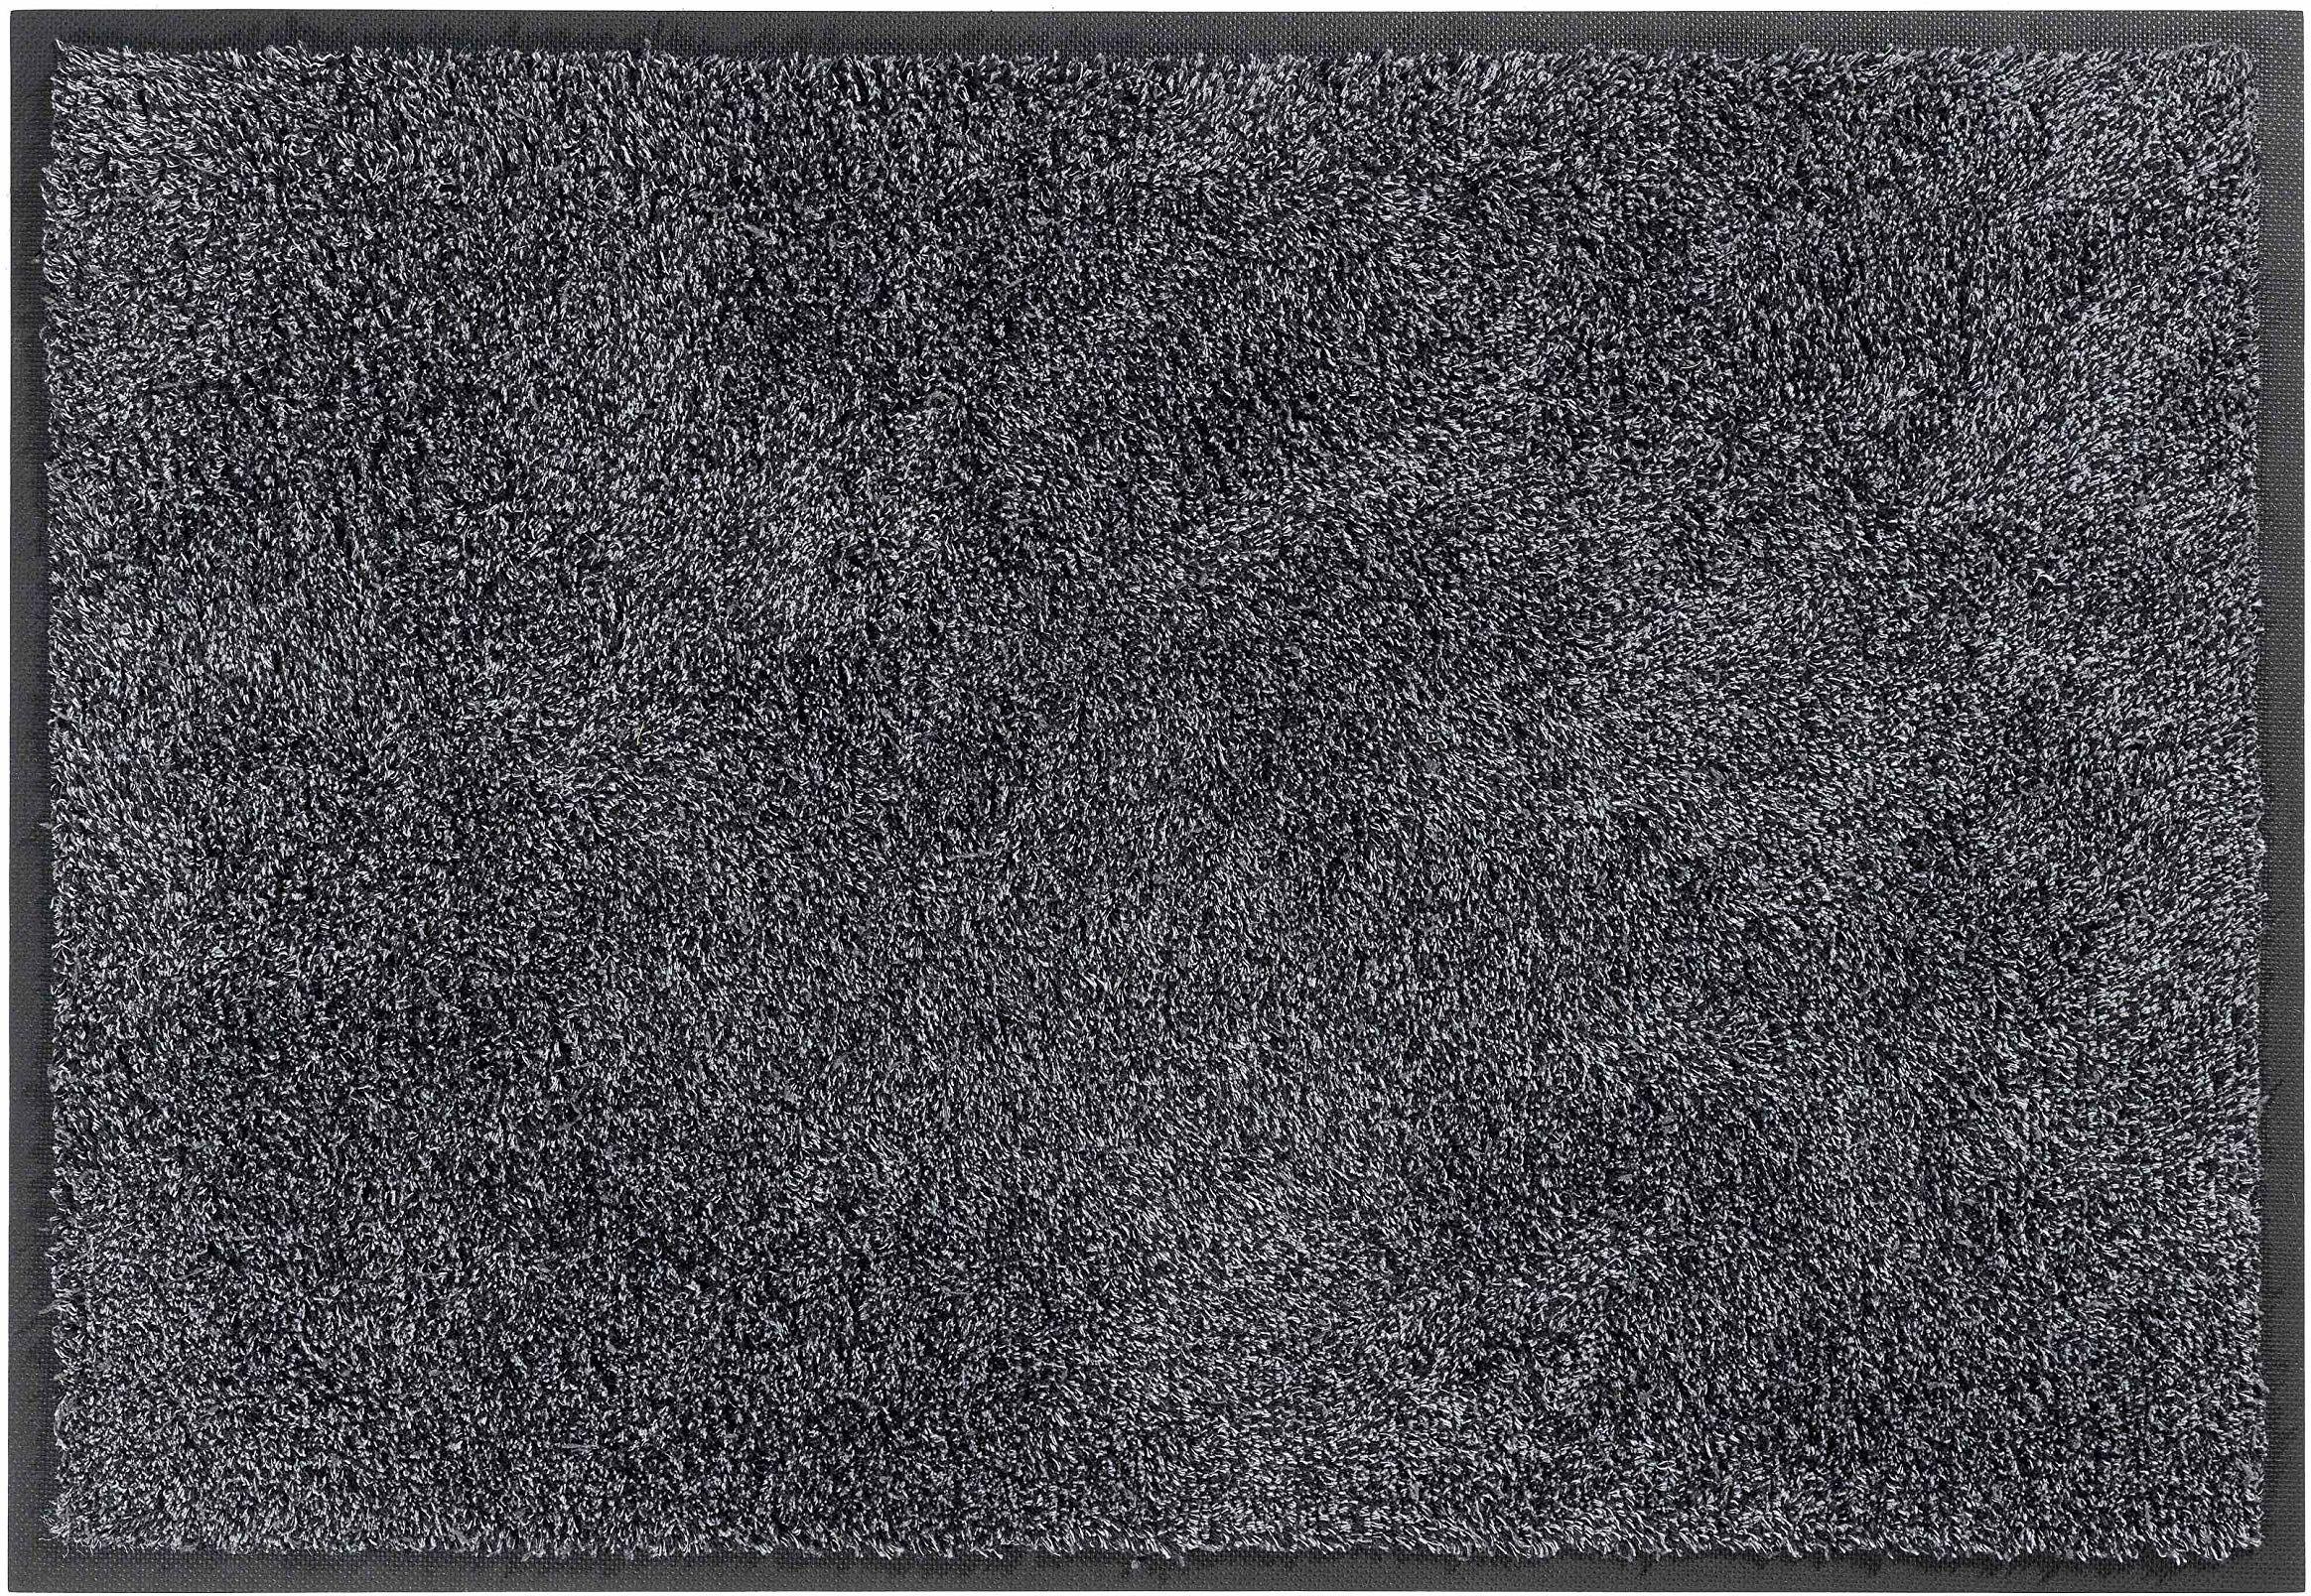 Wycieraczka wejściowa, nadaje się do prania, z bawełny i poliestru, antracytowa, 75 x 85 cm